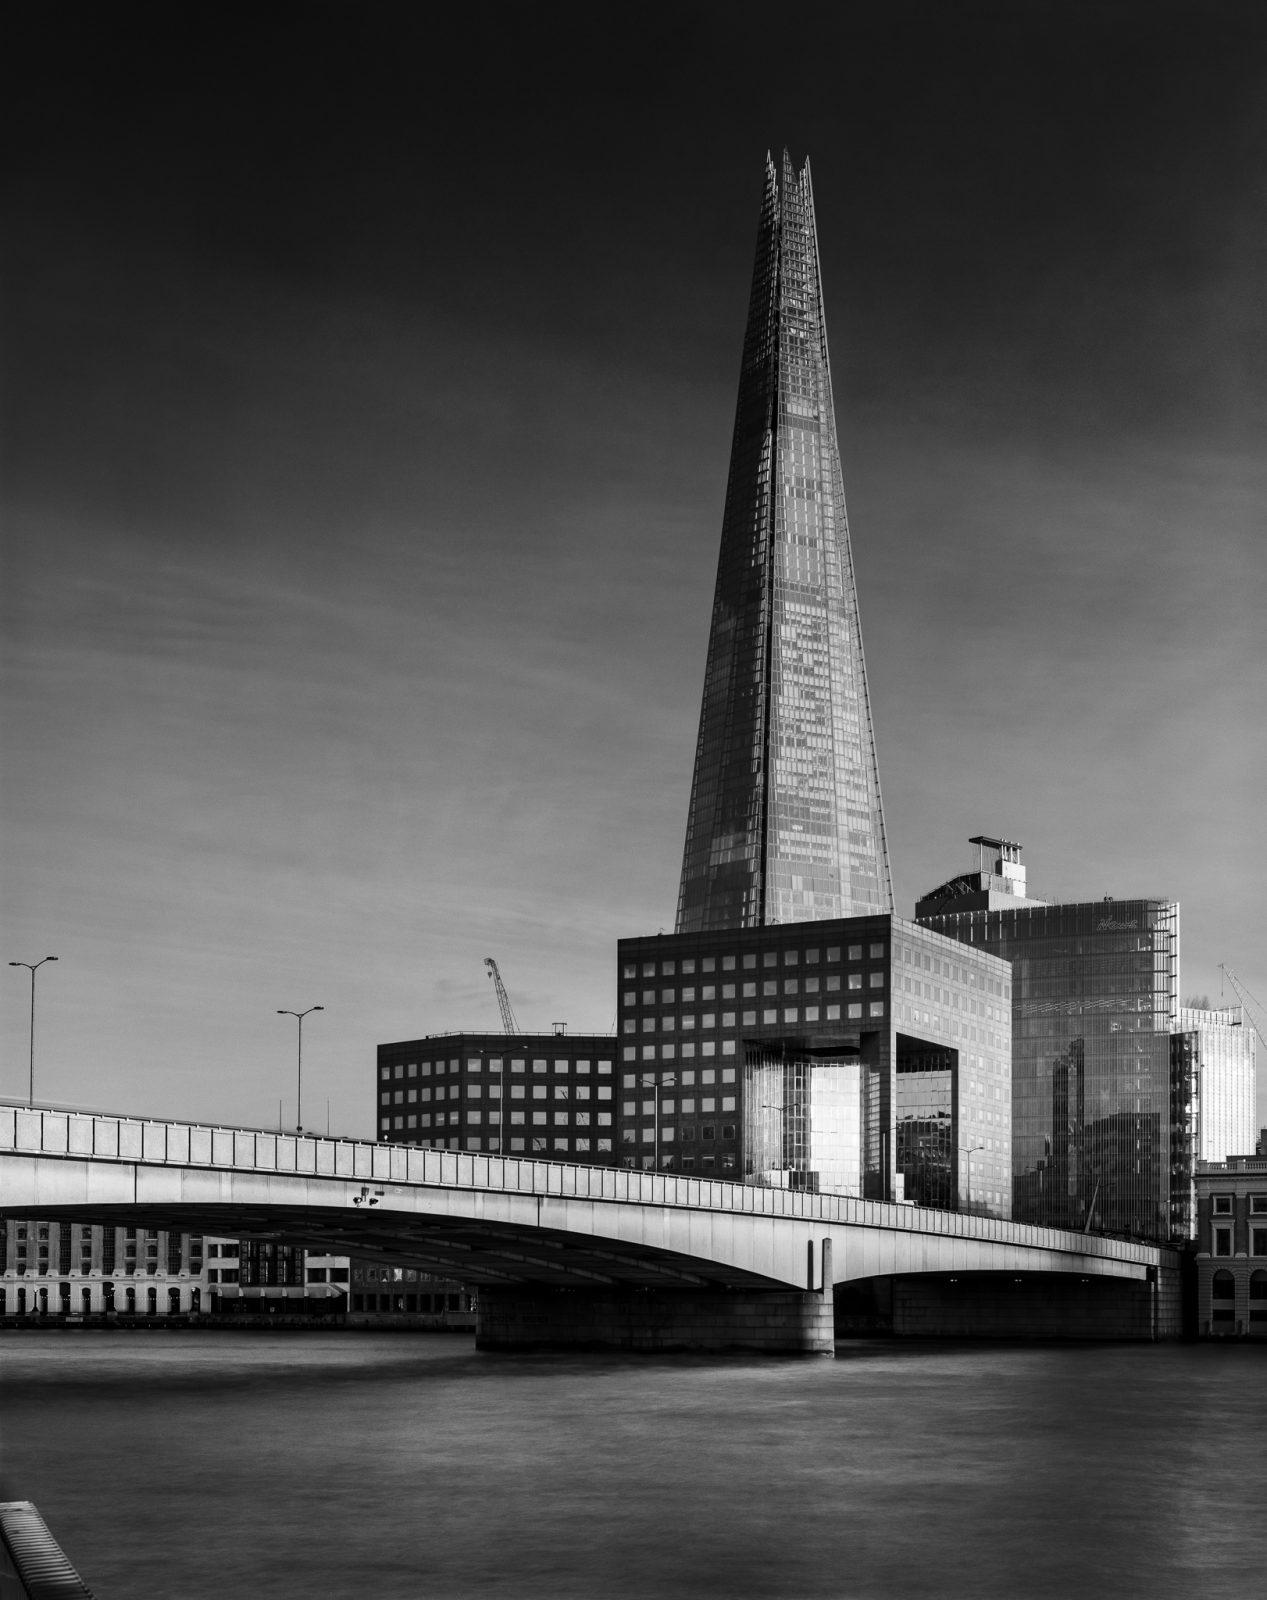 London Bridge Quarter